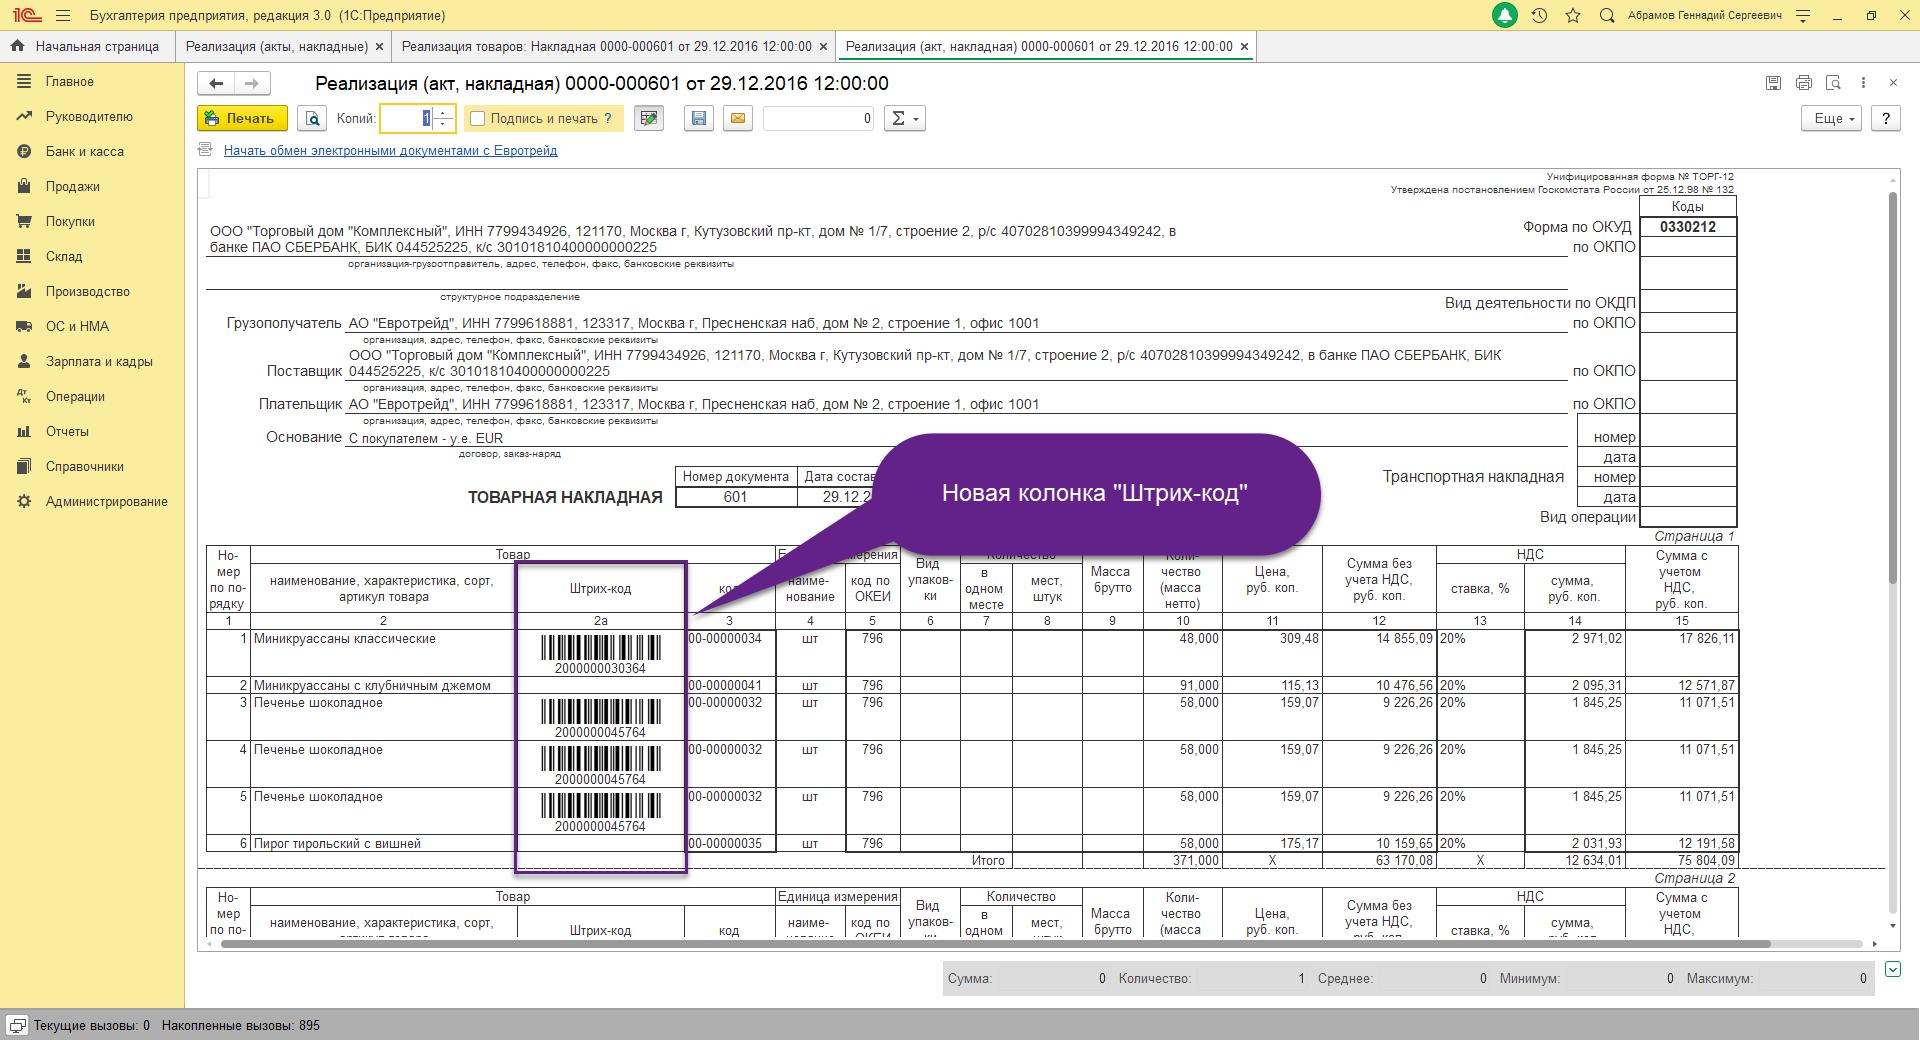 Штрих-код в ТОРГ-12 для 1С БП 3.0